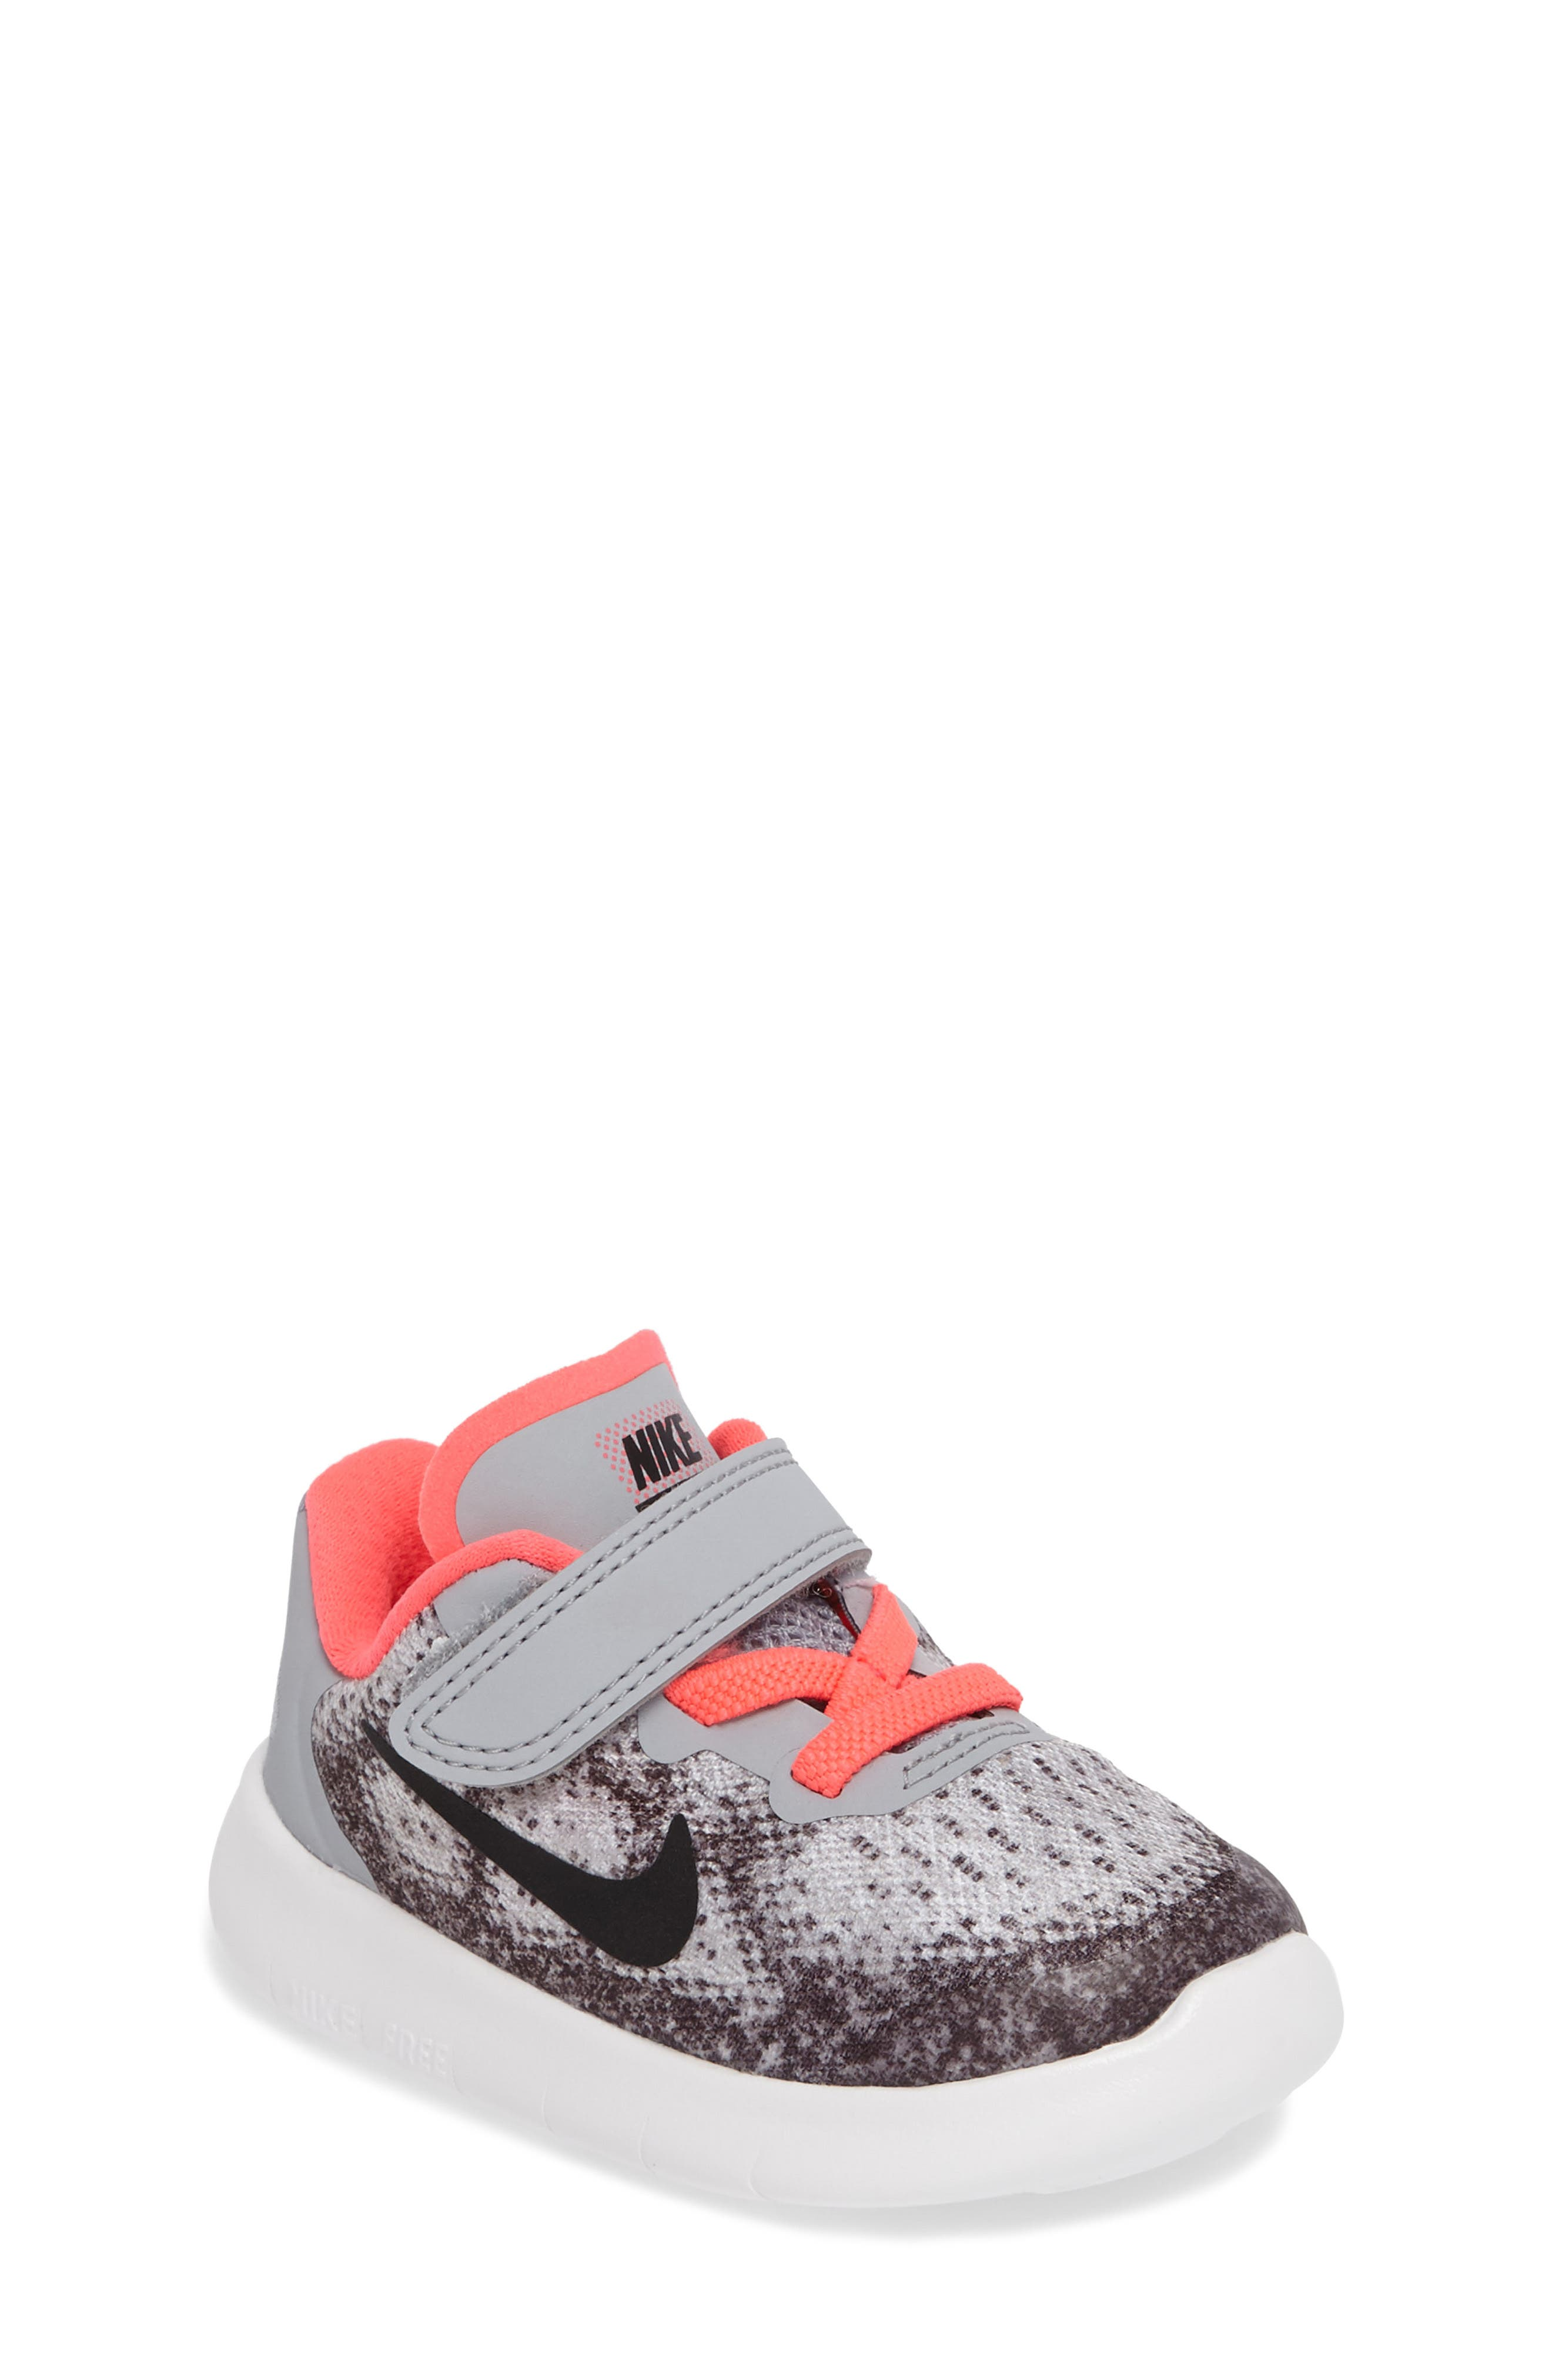 Free Run 2017 Sneaker,                         Main,                         color, 020